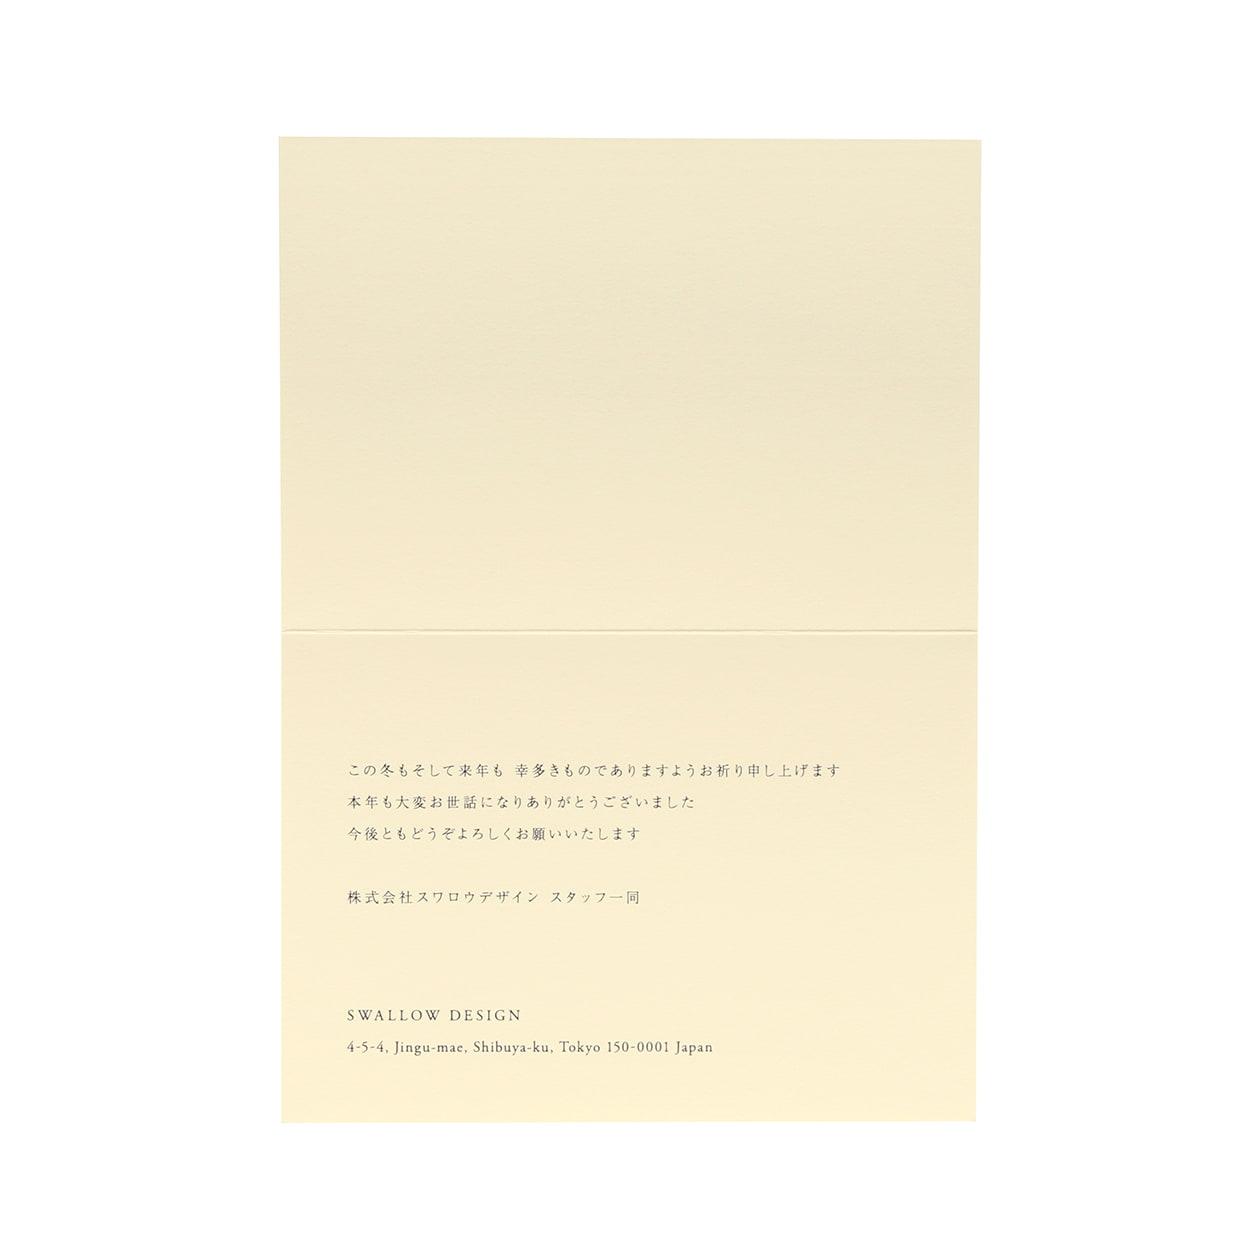 サンプル カード・シート 00297